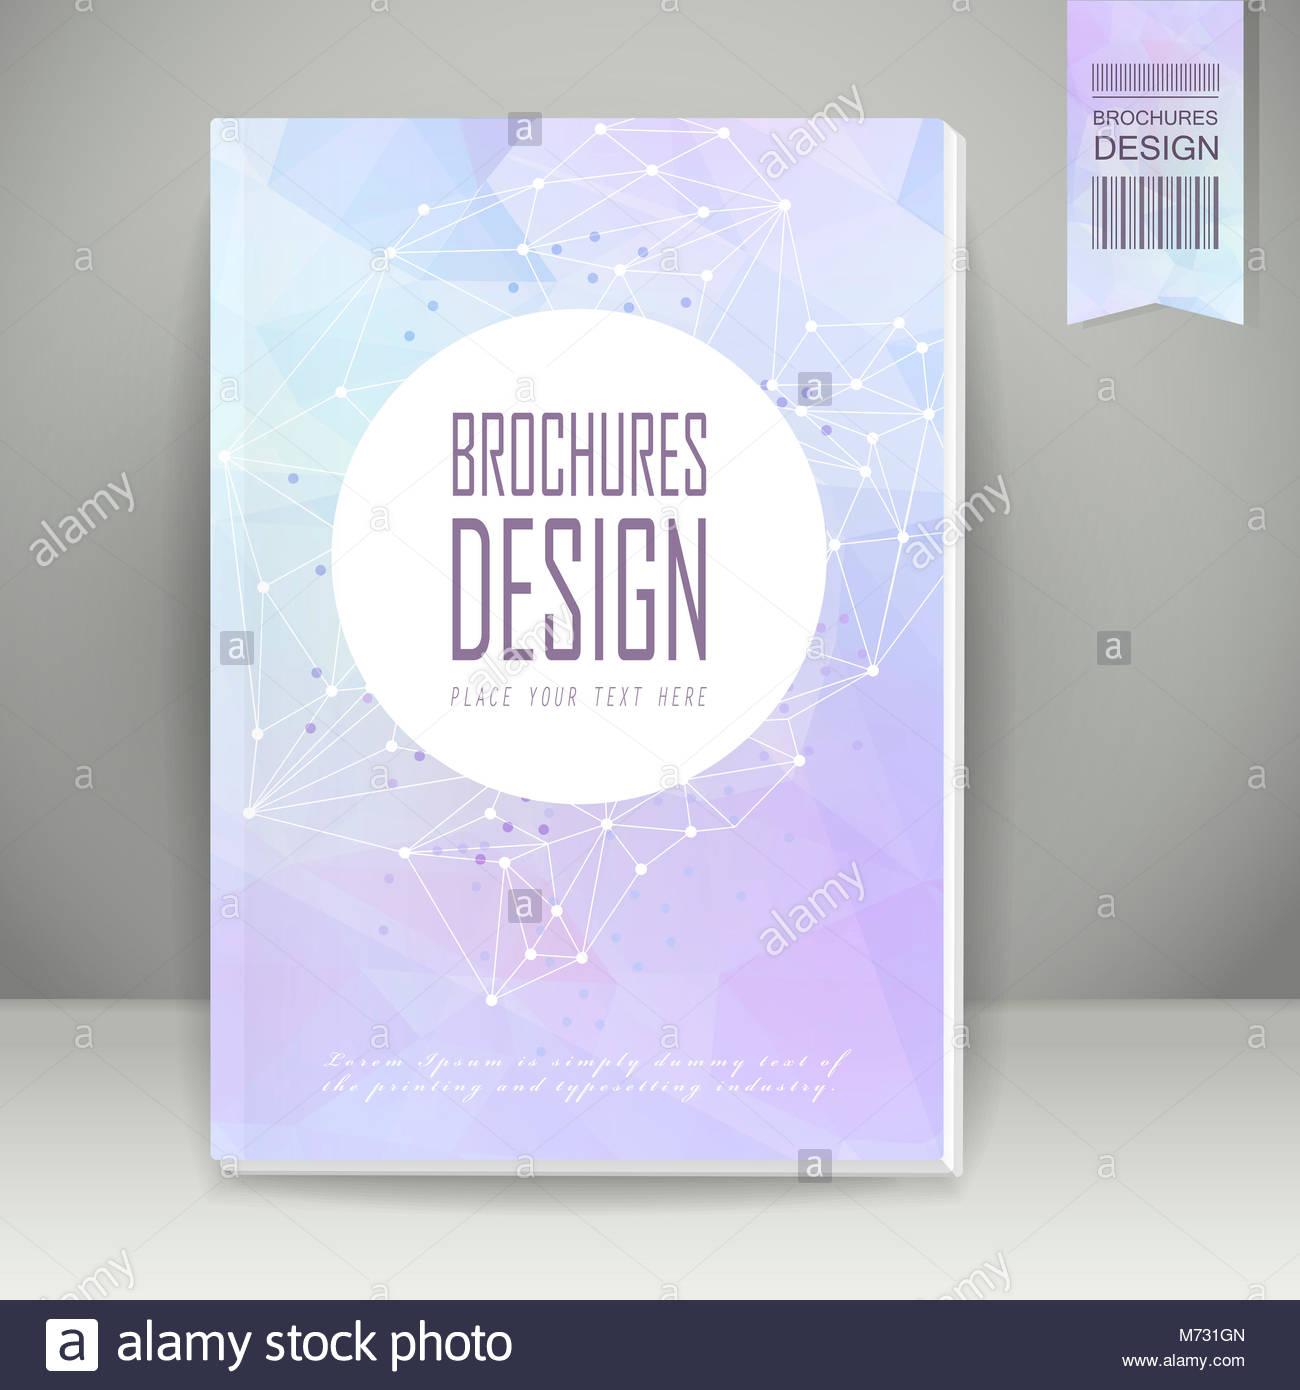 Gemütlich Broschüren Design Vorlagen Bilder - Beispiel ...